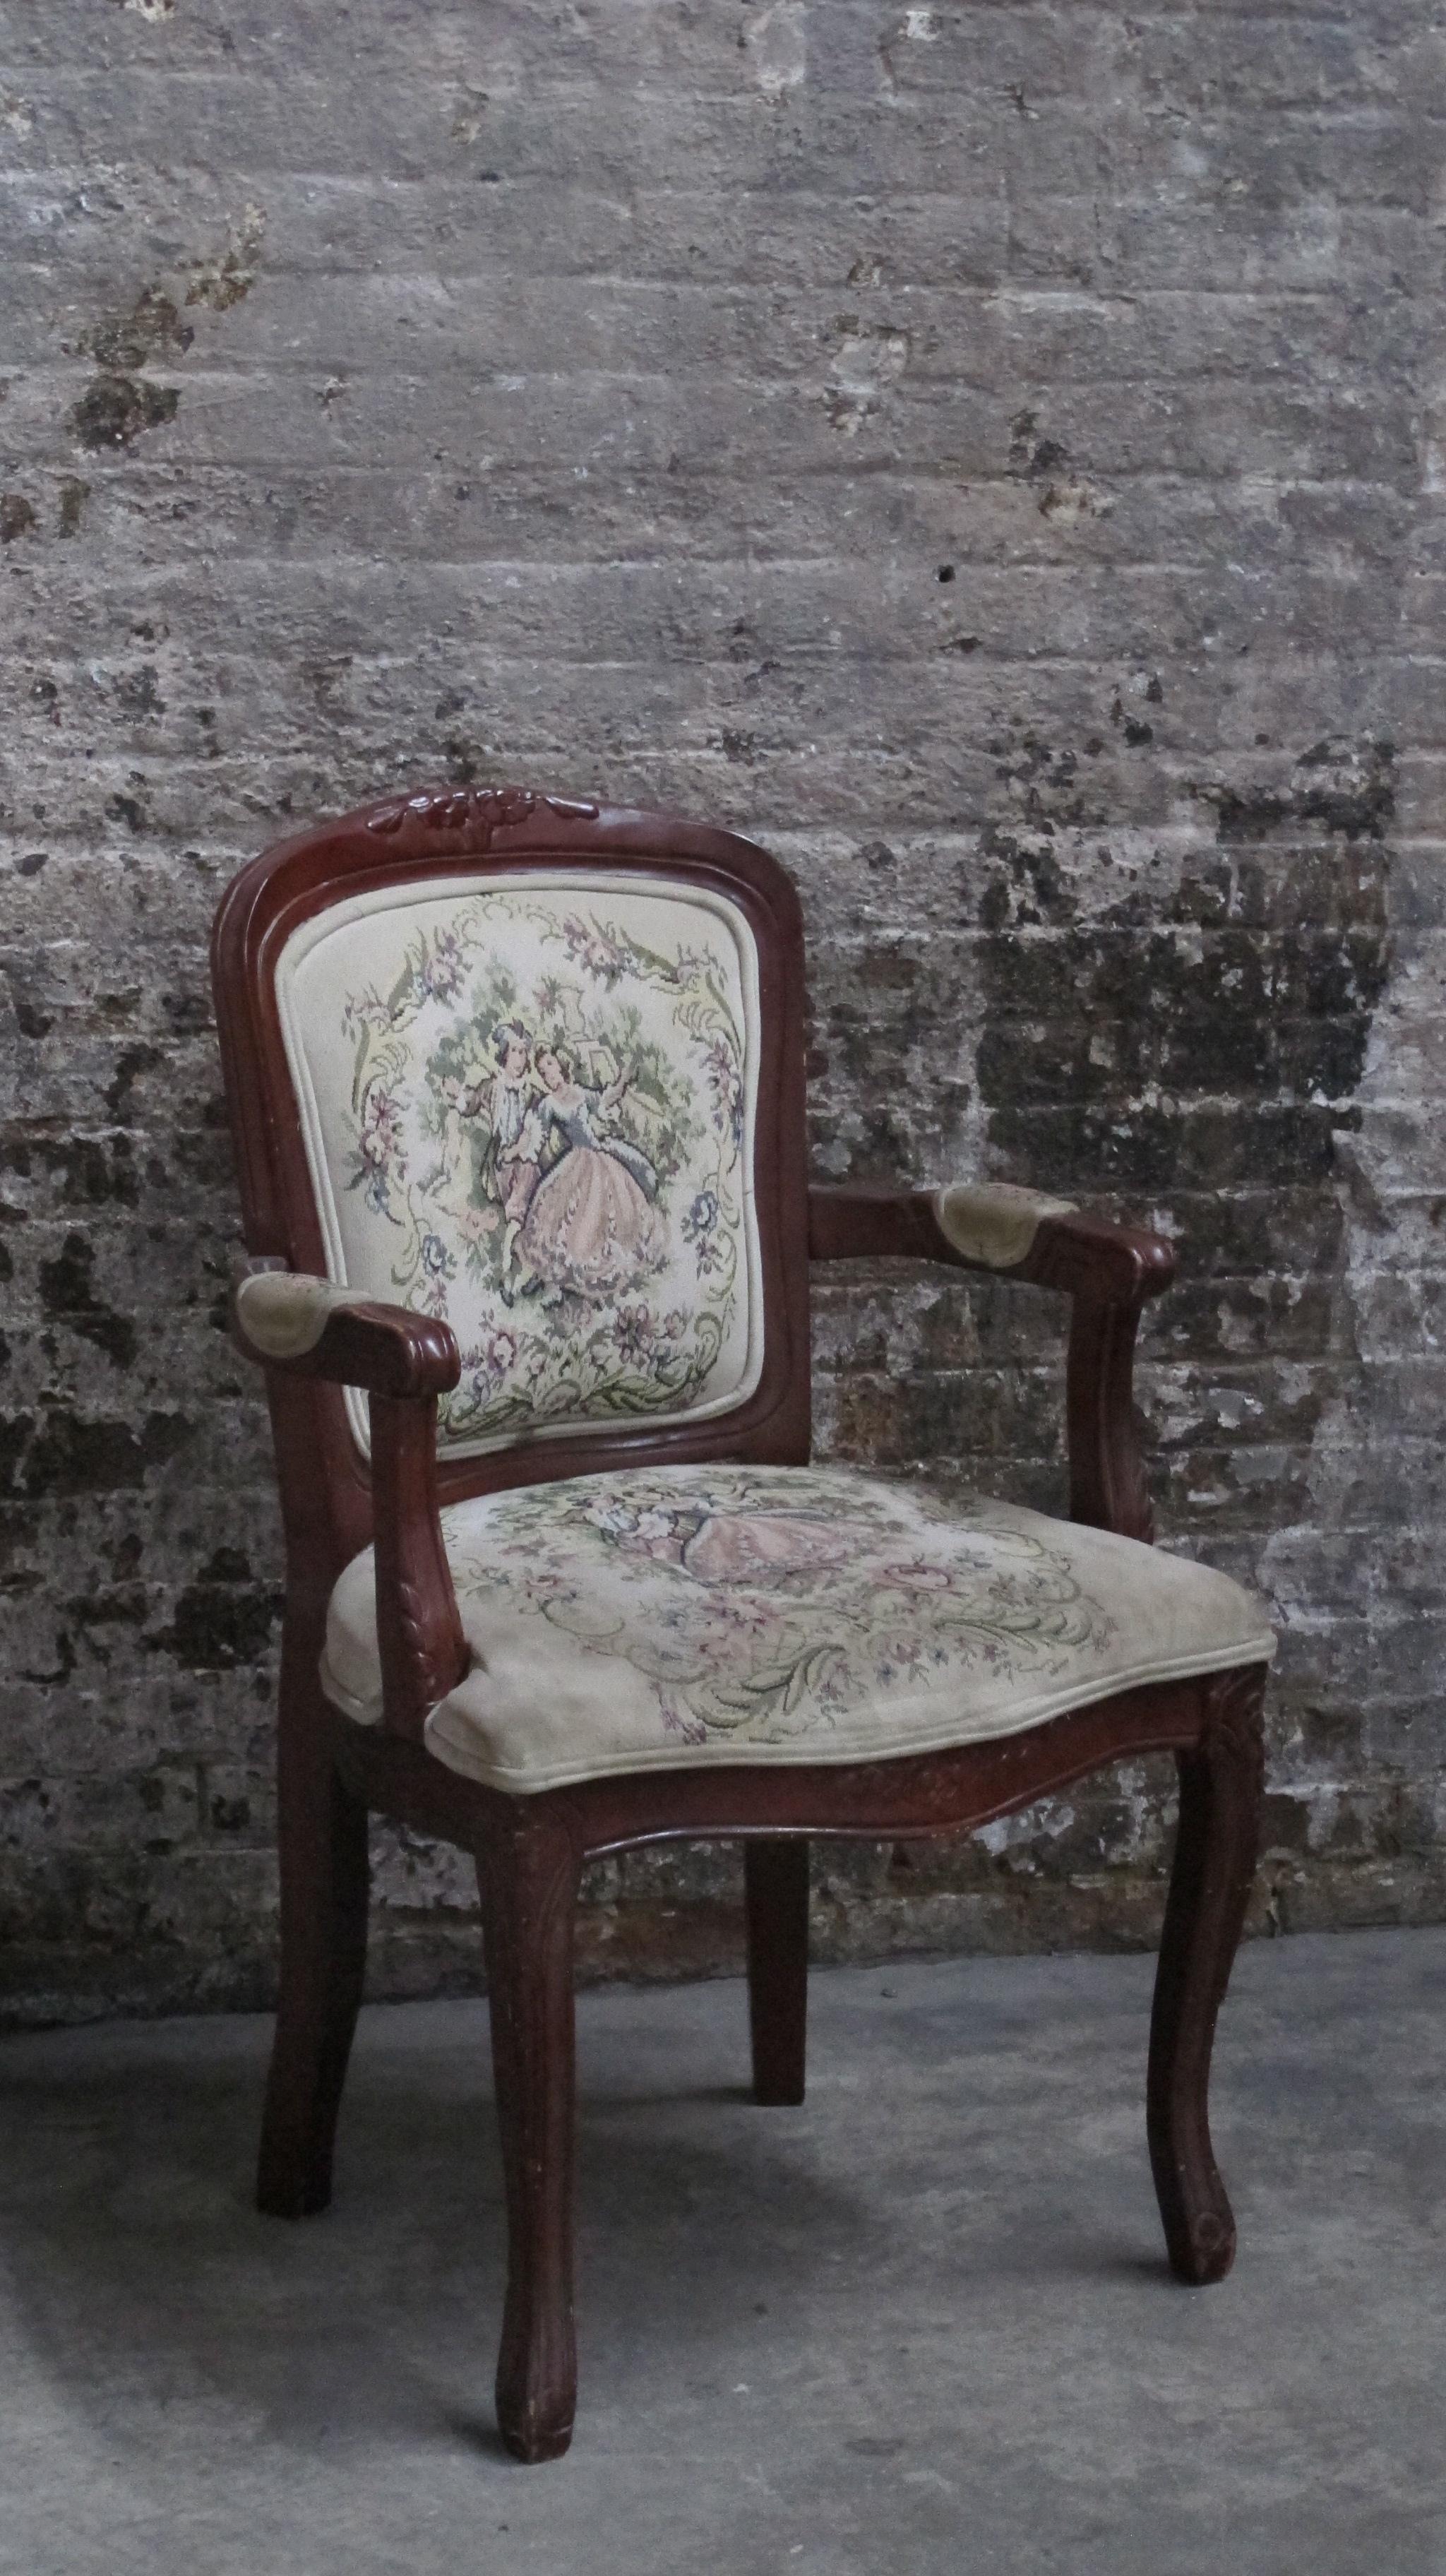 third sister chair $100